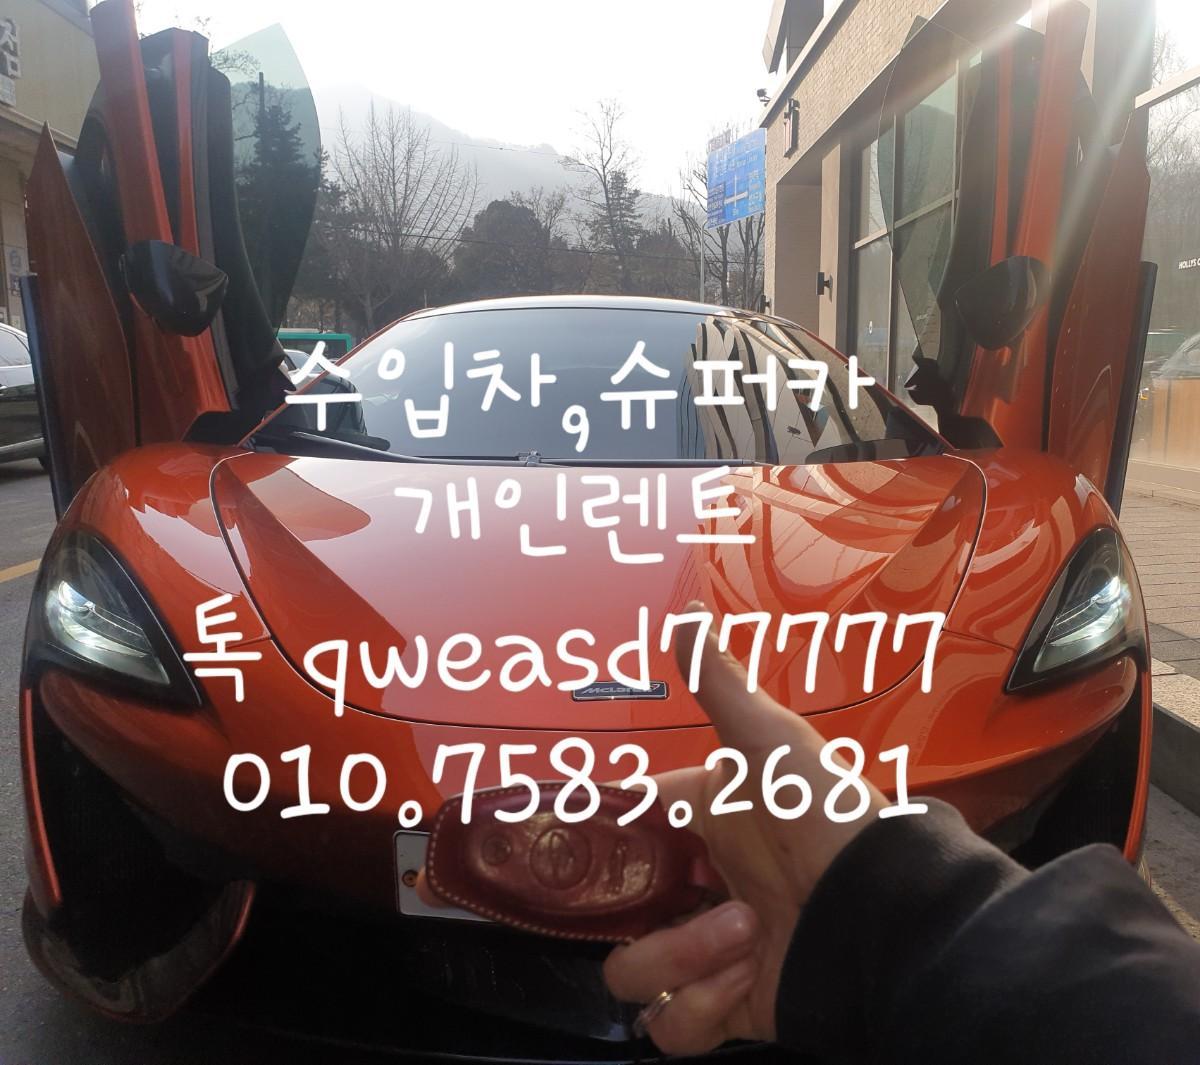 개인렌트.수입차렌트.슈퍼카렌트.오픈카렌트.외제차렌트.서울수입차개인렌트 - 1